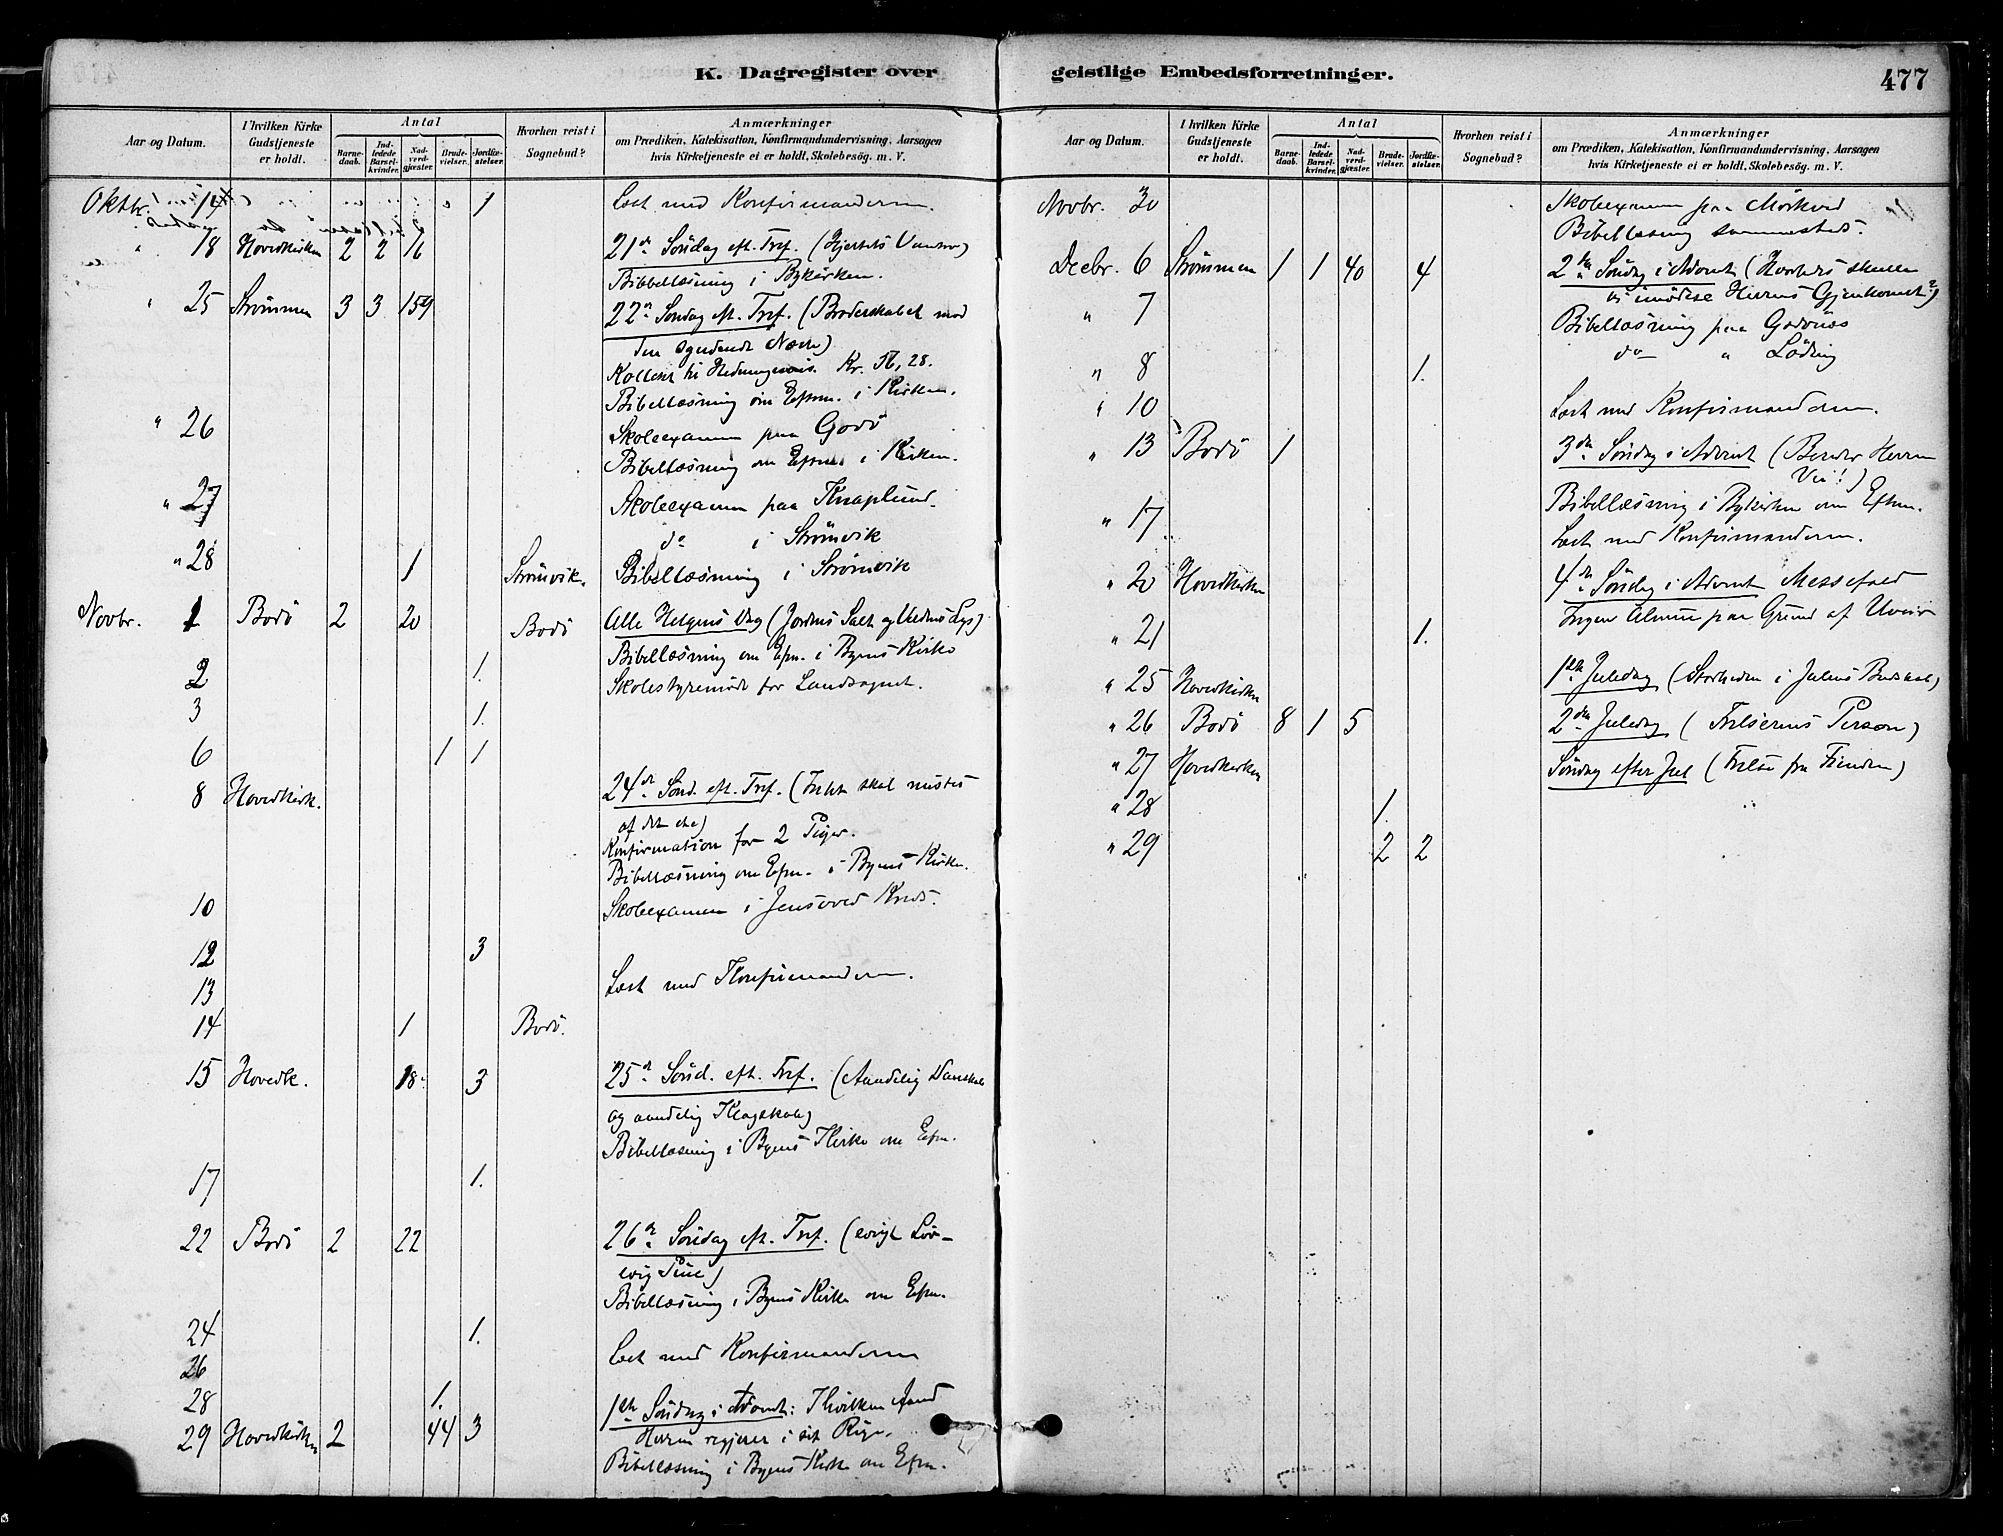 SAT, Ministerialprotokoller, klokkerbøker og fødselsregistre - Nordland, 802/L0054: Parish register (official) no. 802A01, 1879-1893, p. 477